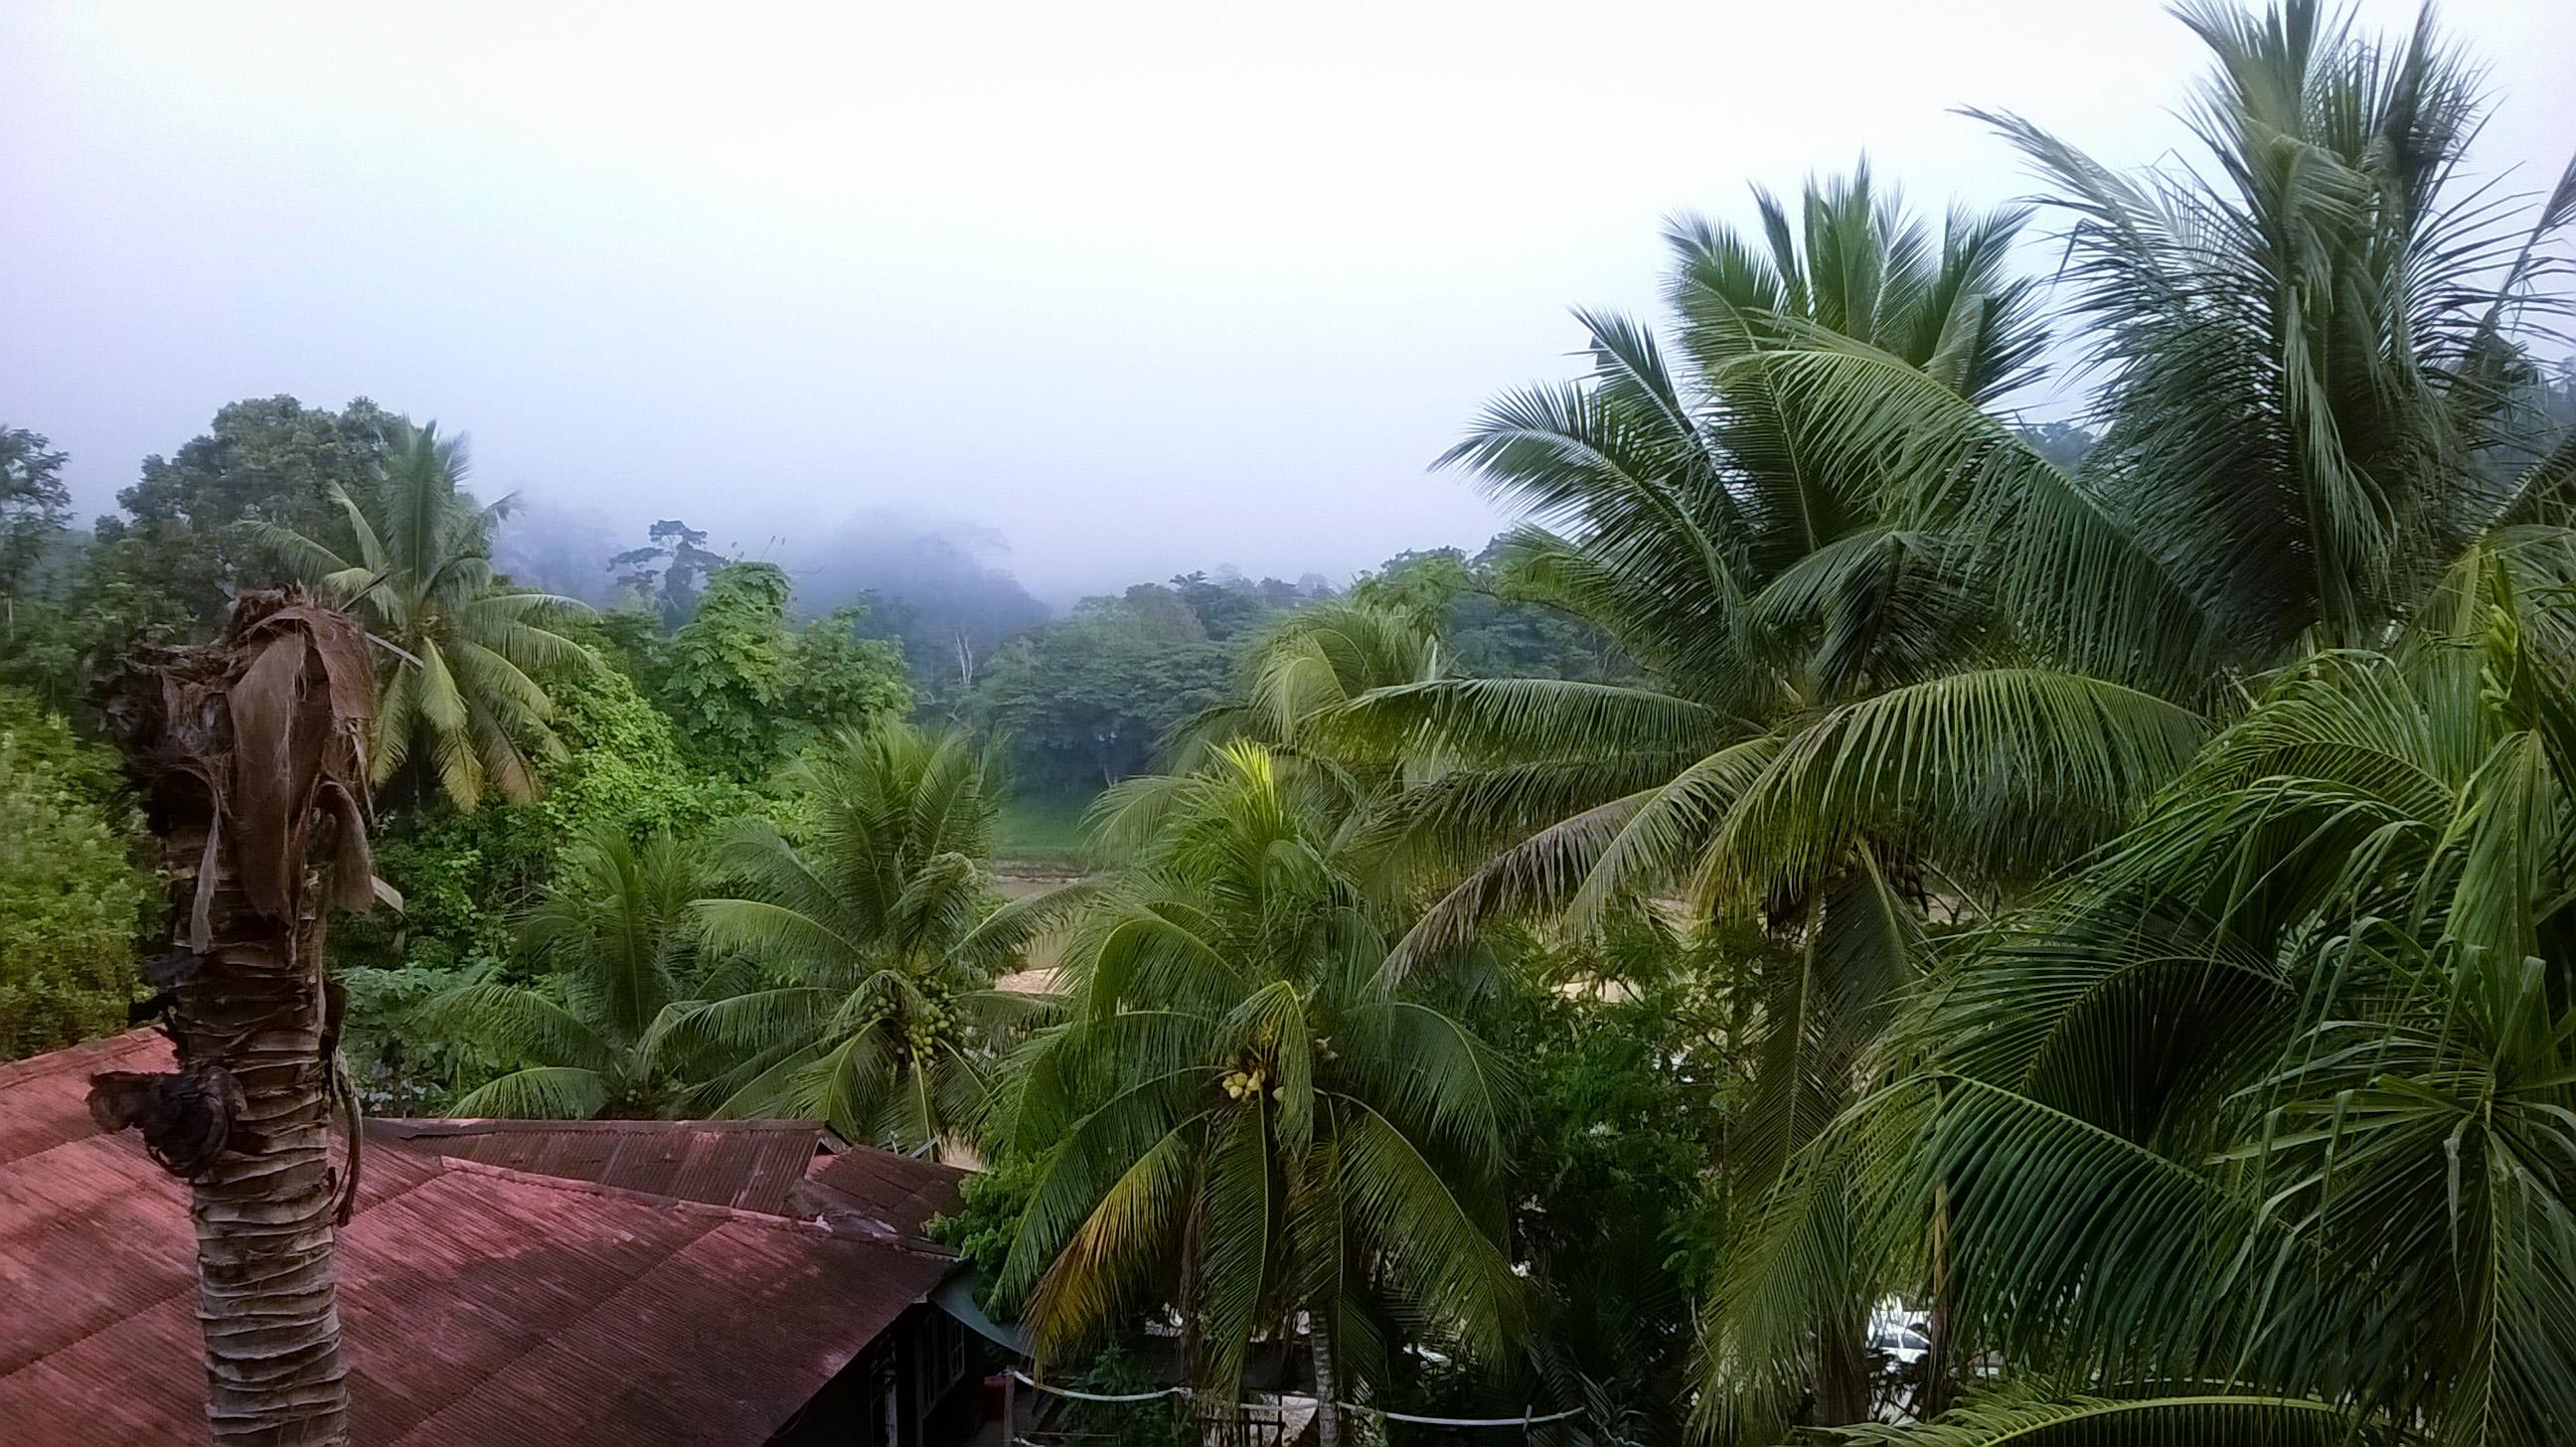 Image de la jungle du Taman negara